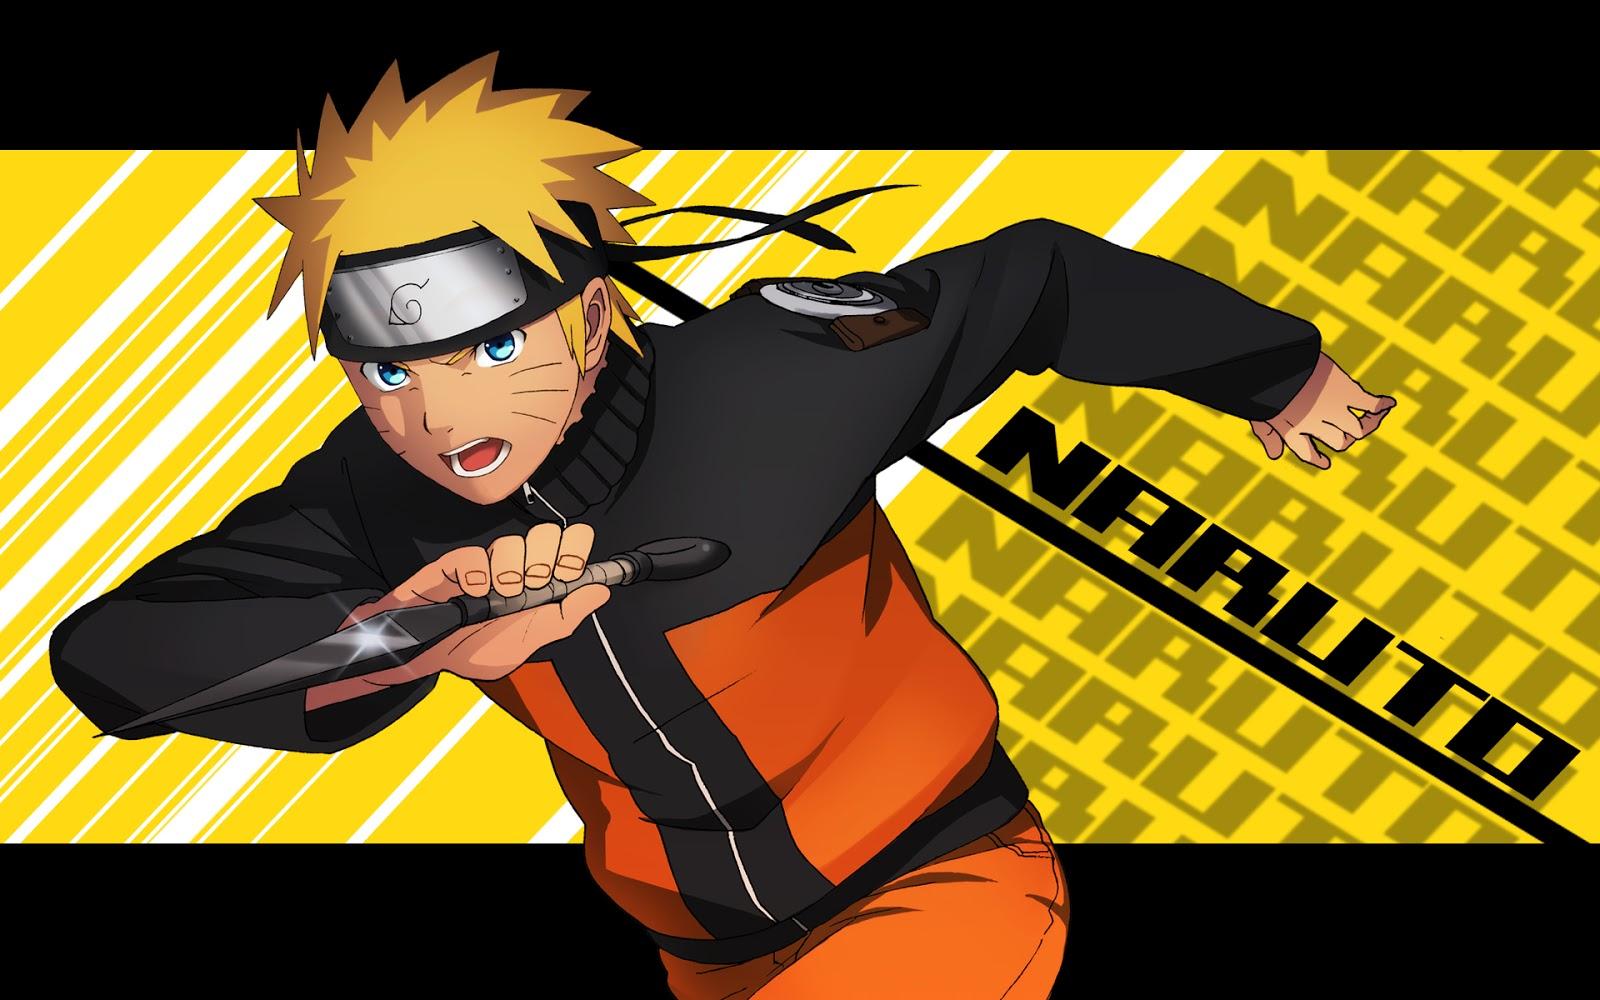 ANIME - WALLPAPER - GAMES: Uzumaki Naruto